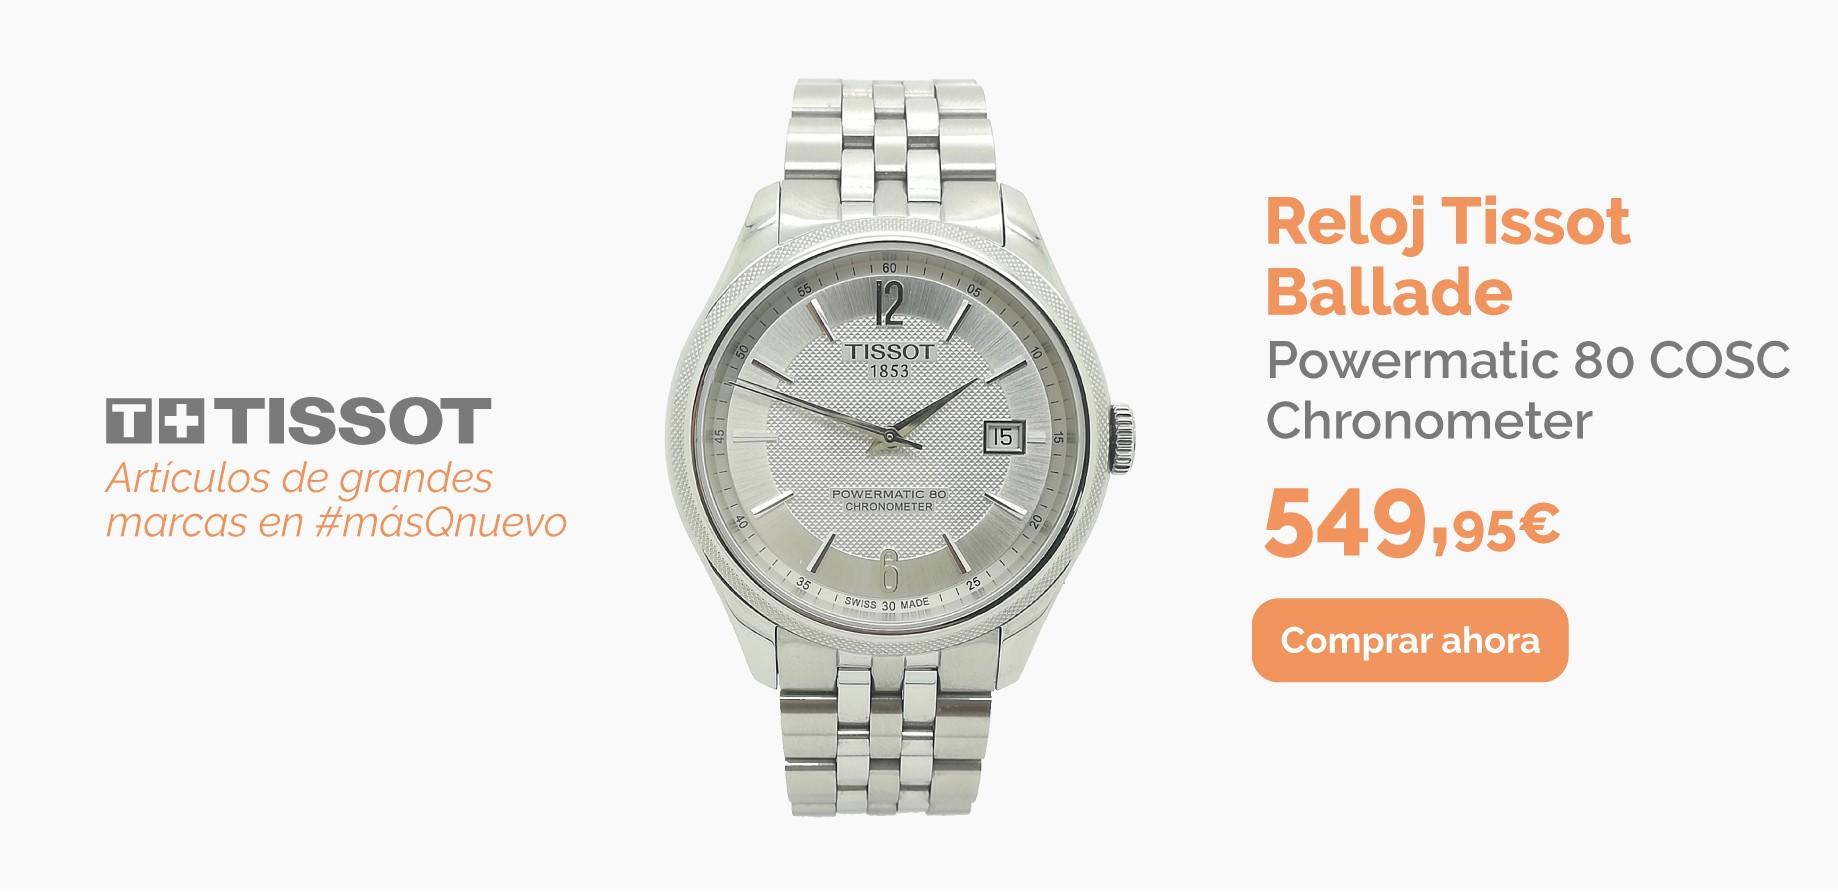 Reloj Automático TISSOT Ballade Powermatic 80 COSC Chronometer con caja y papeles T108408 A de segunda mano